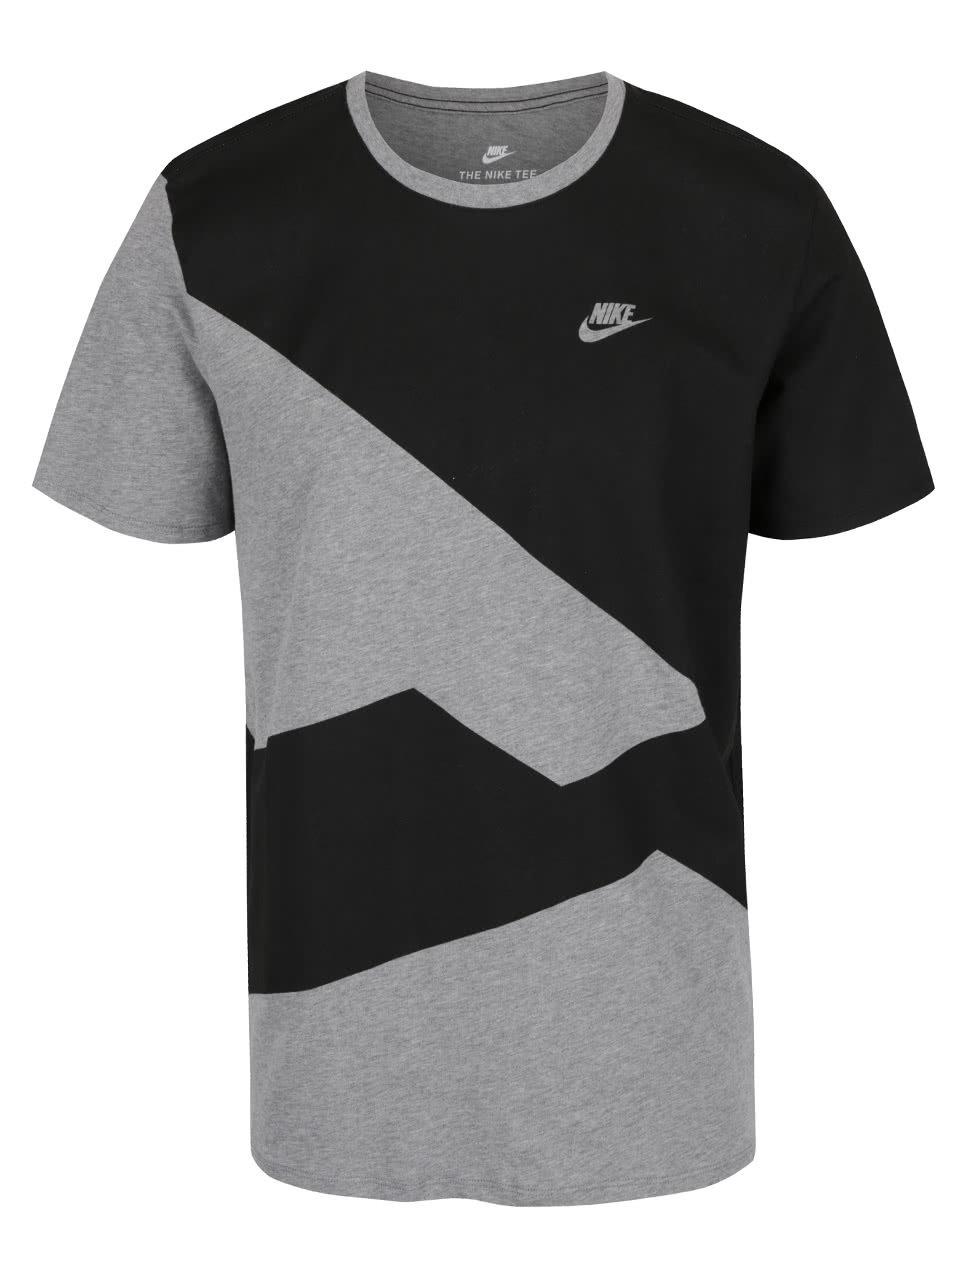 39bd382adf1f Čierno-sivé pánske tričko Nike ...